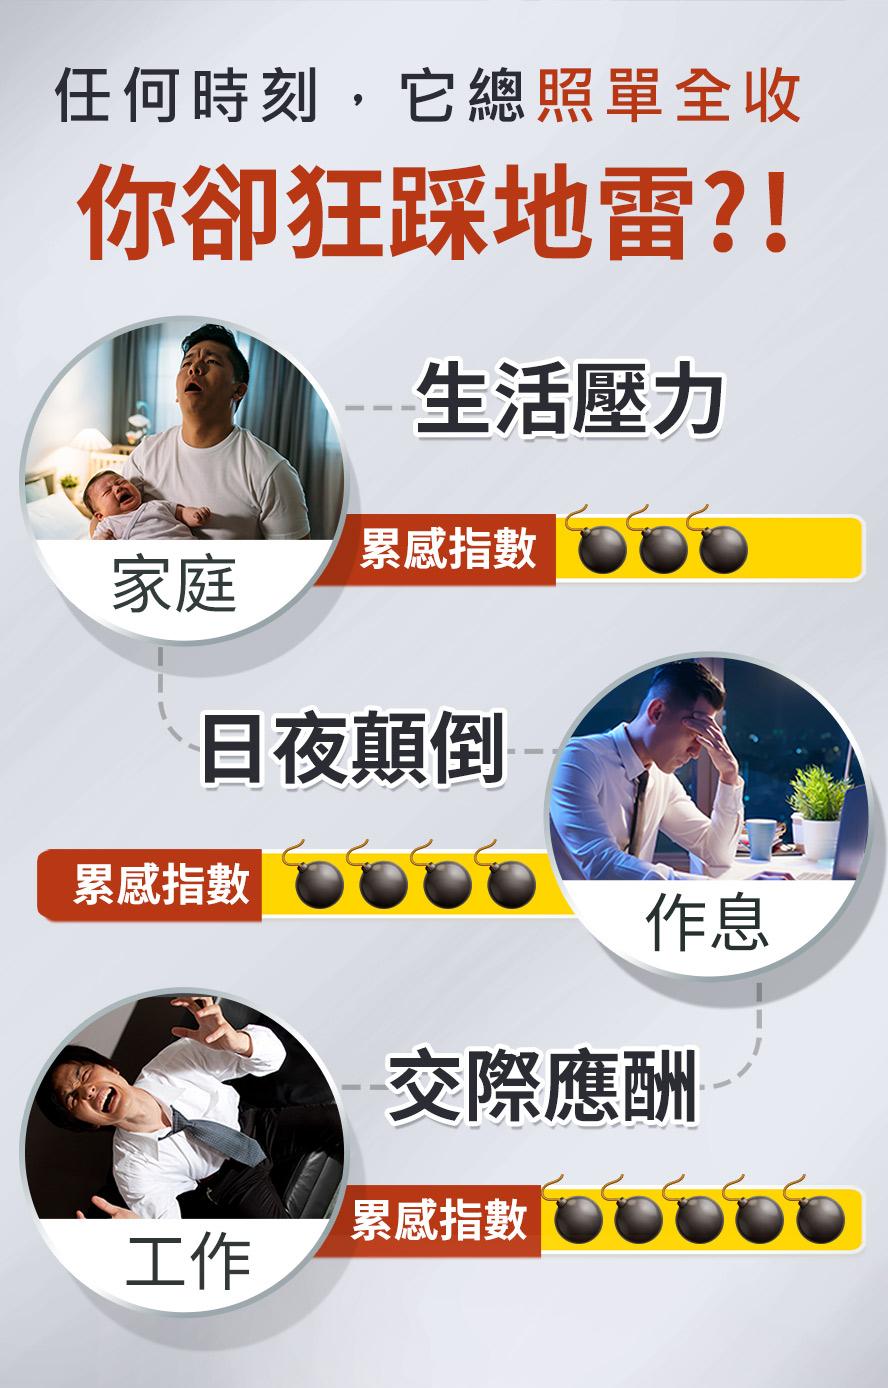 時常熬夜加班,壓力大的上班族一定要補充薑黃肝精,才能確保肝臟健康